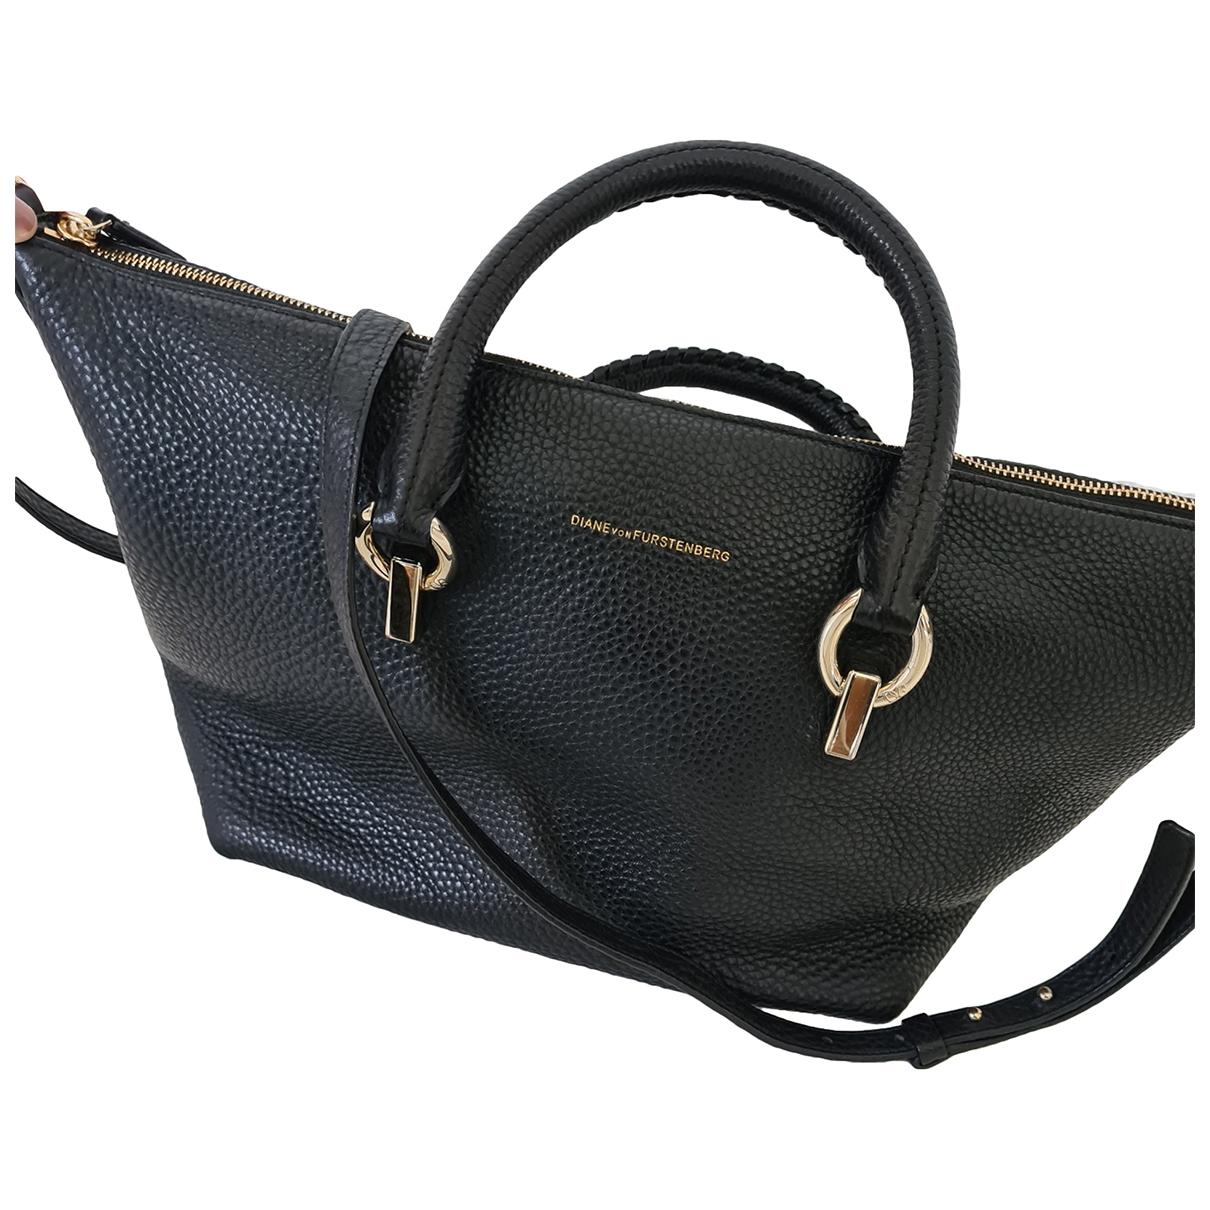 Diane Von Furstenberg \N Black Leather handbag for Women \N